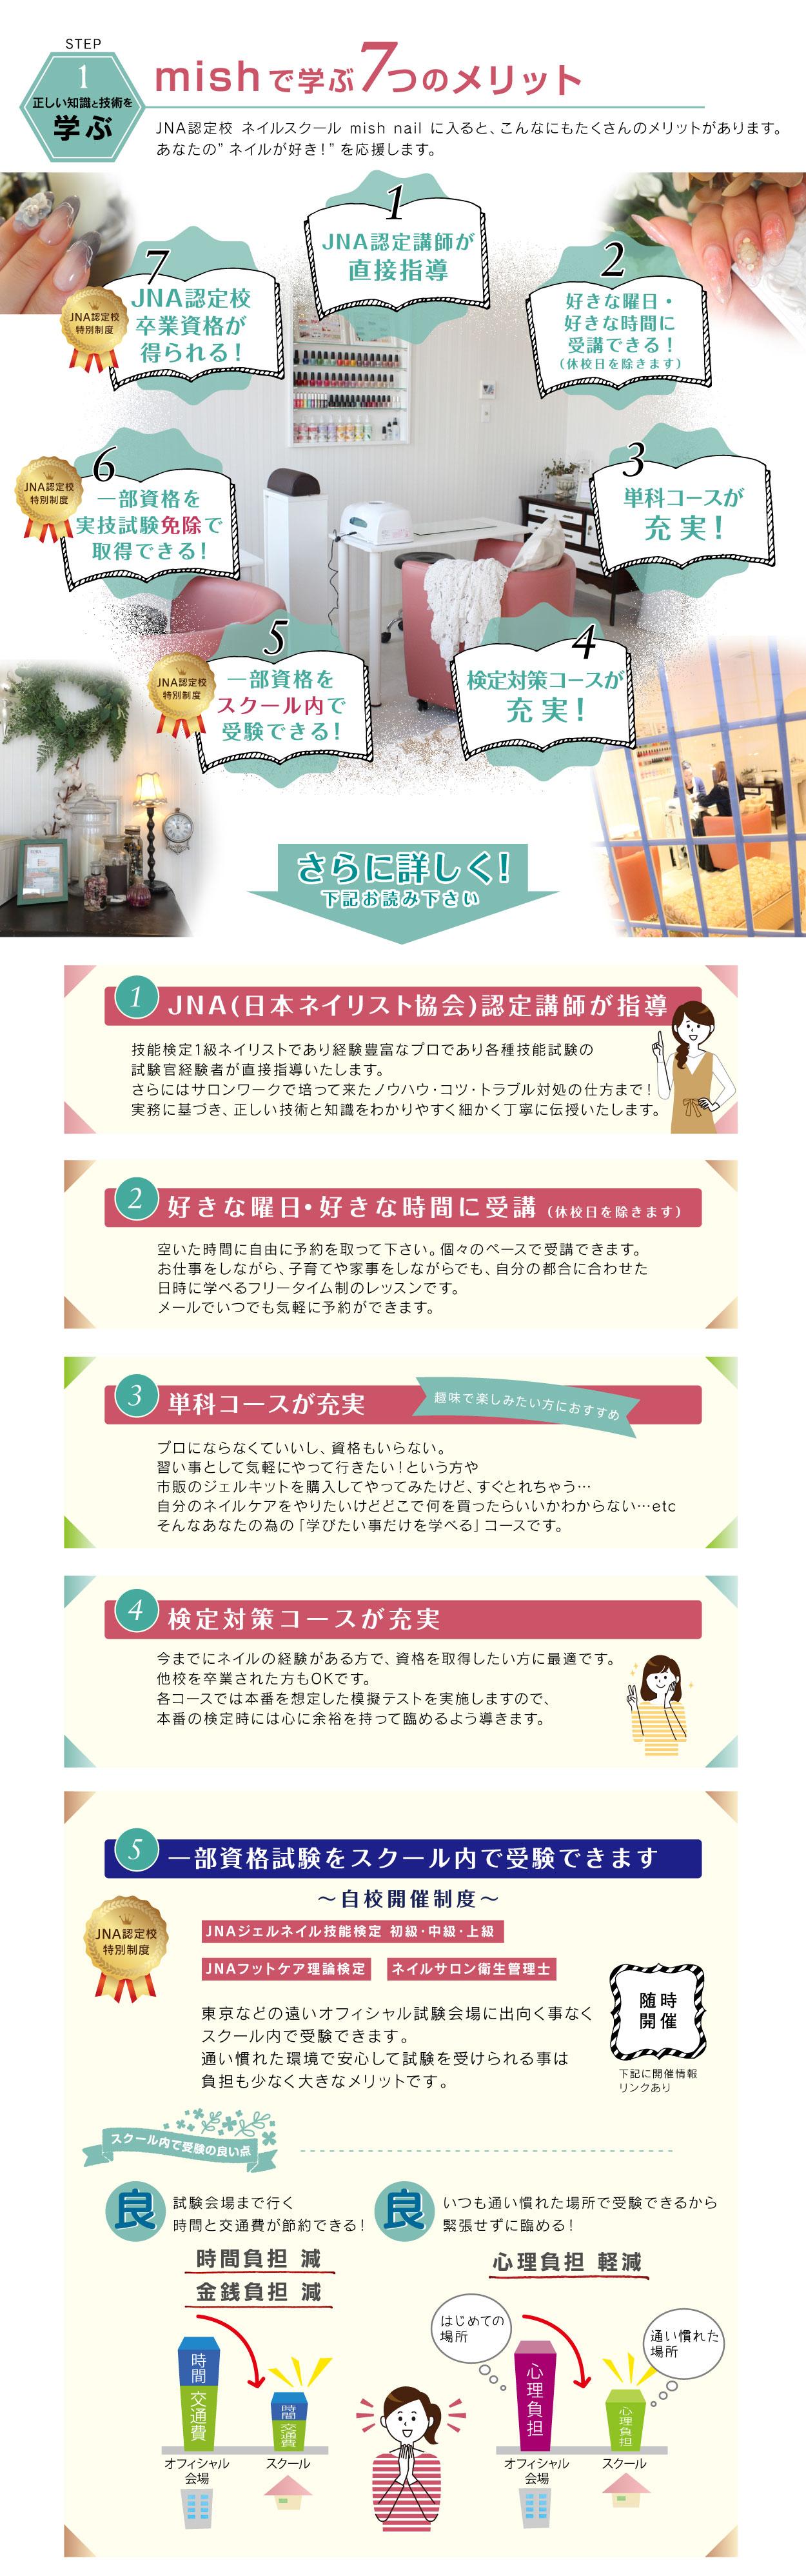 web_2.jpg